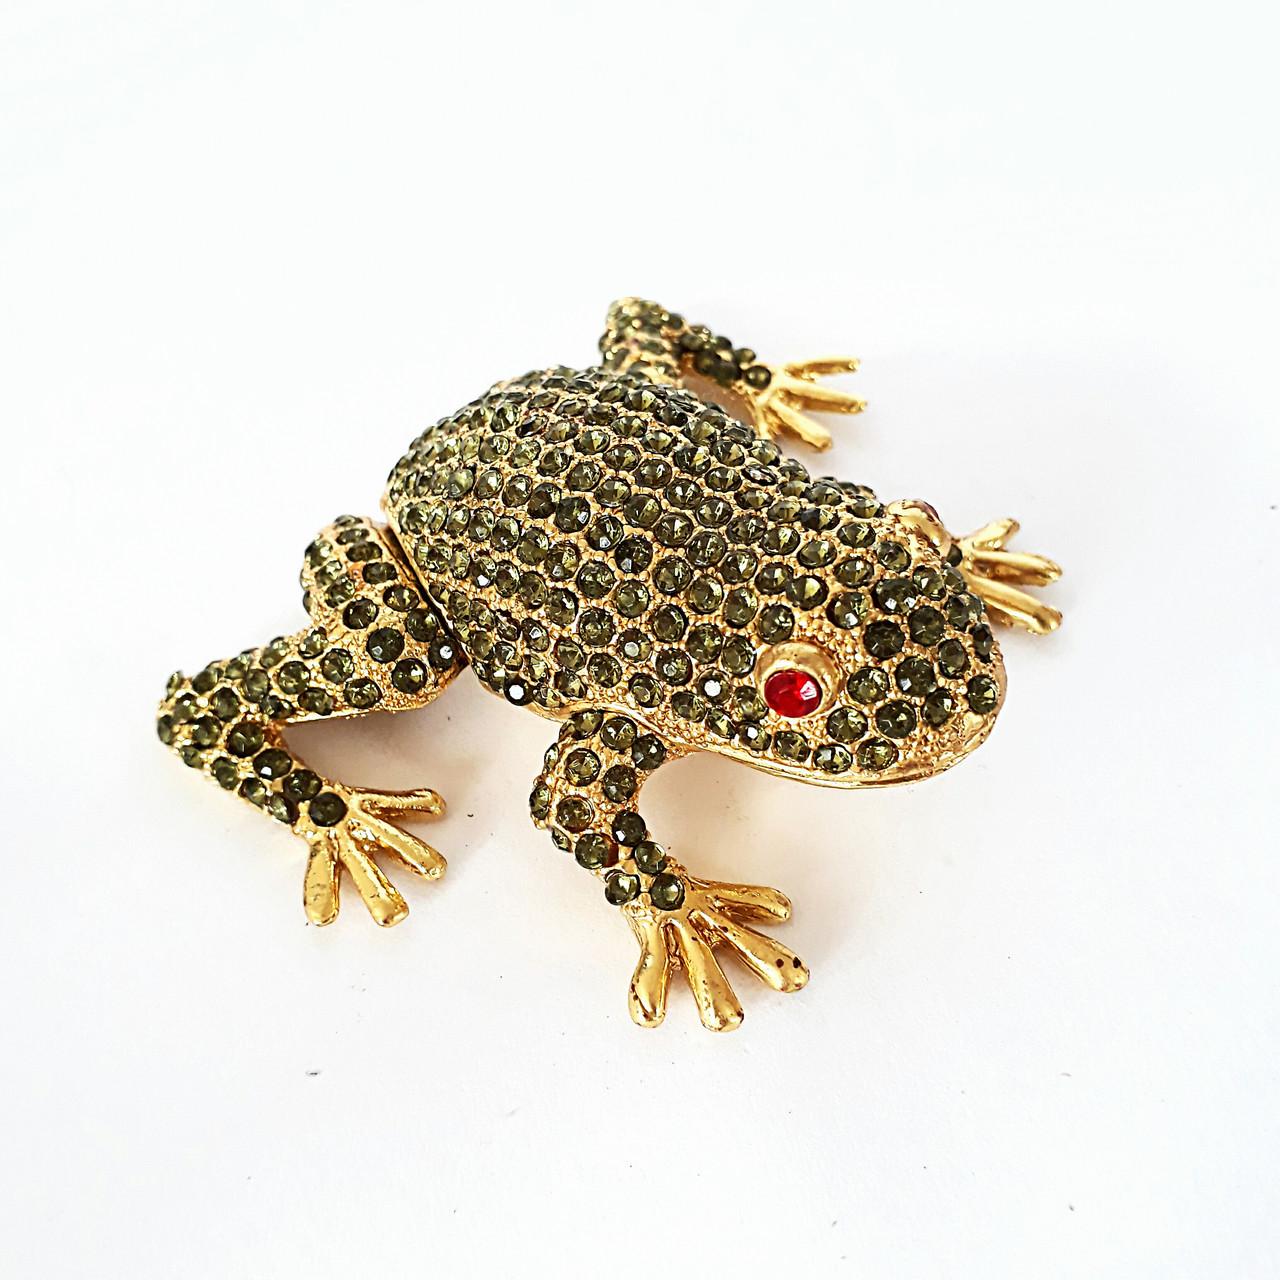 Фигурка - шкатулка Лягушка (6*7 см) металл, стразы